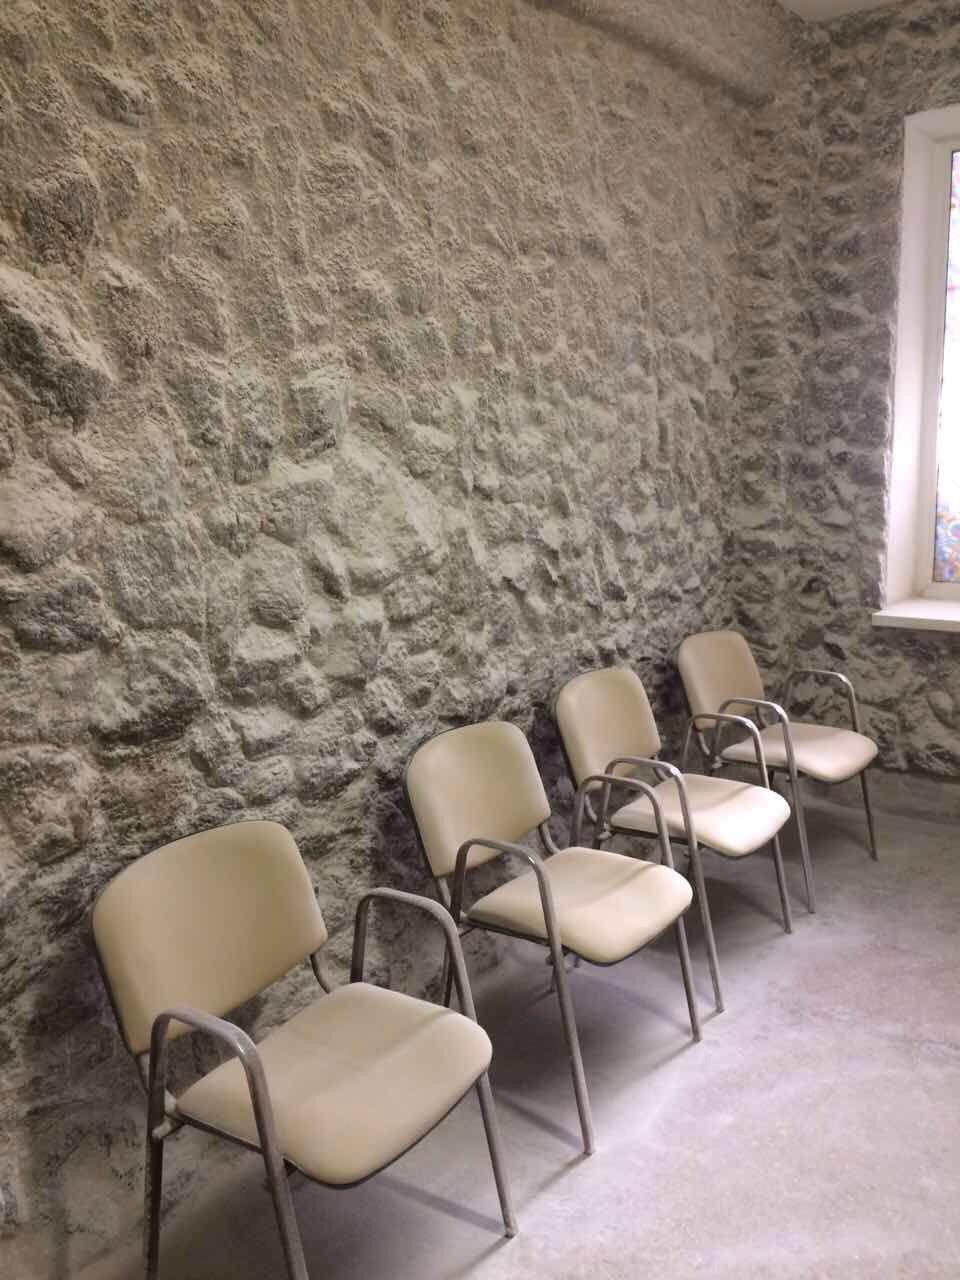 лечение аллергии в санатории отзывы